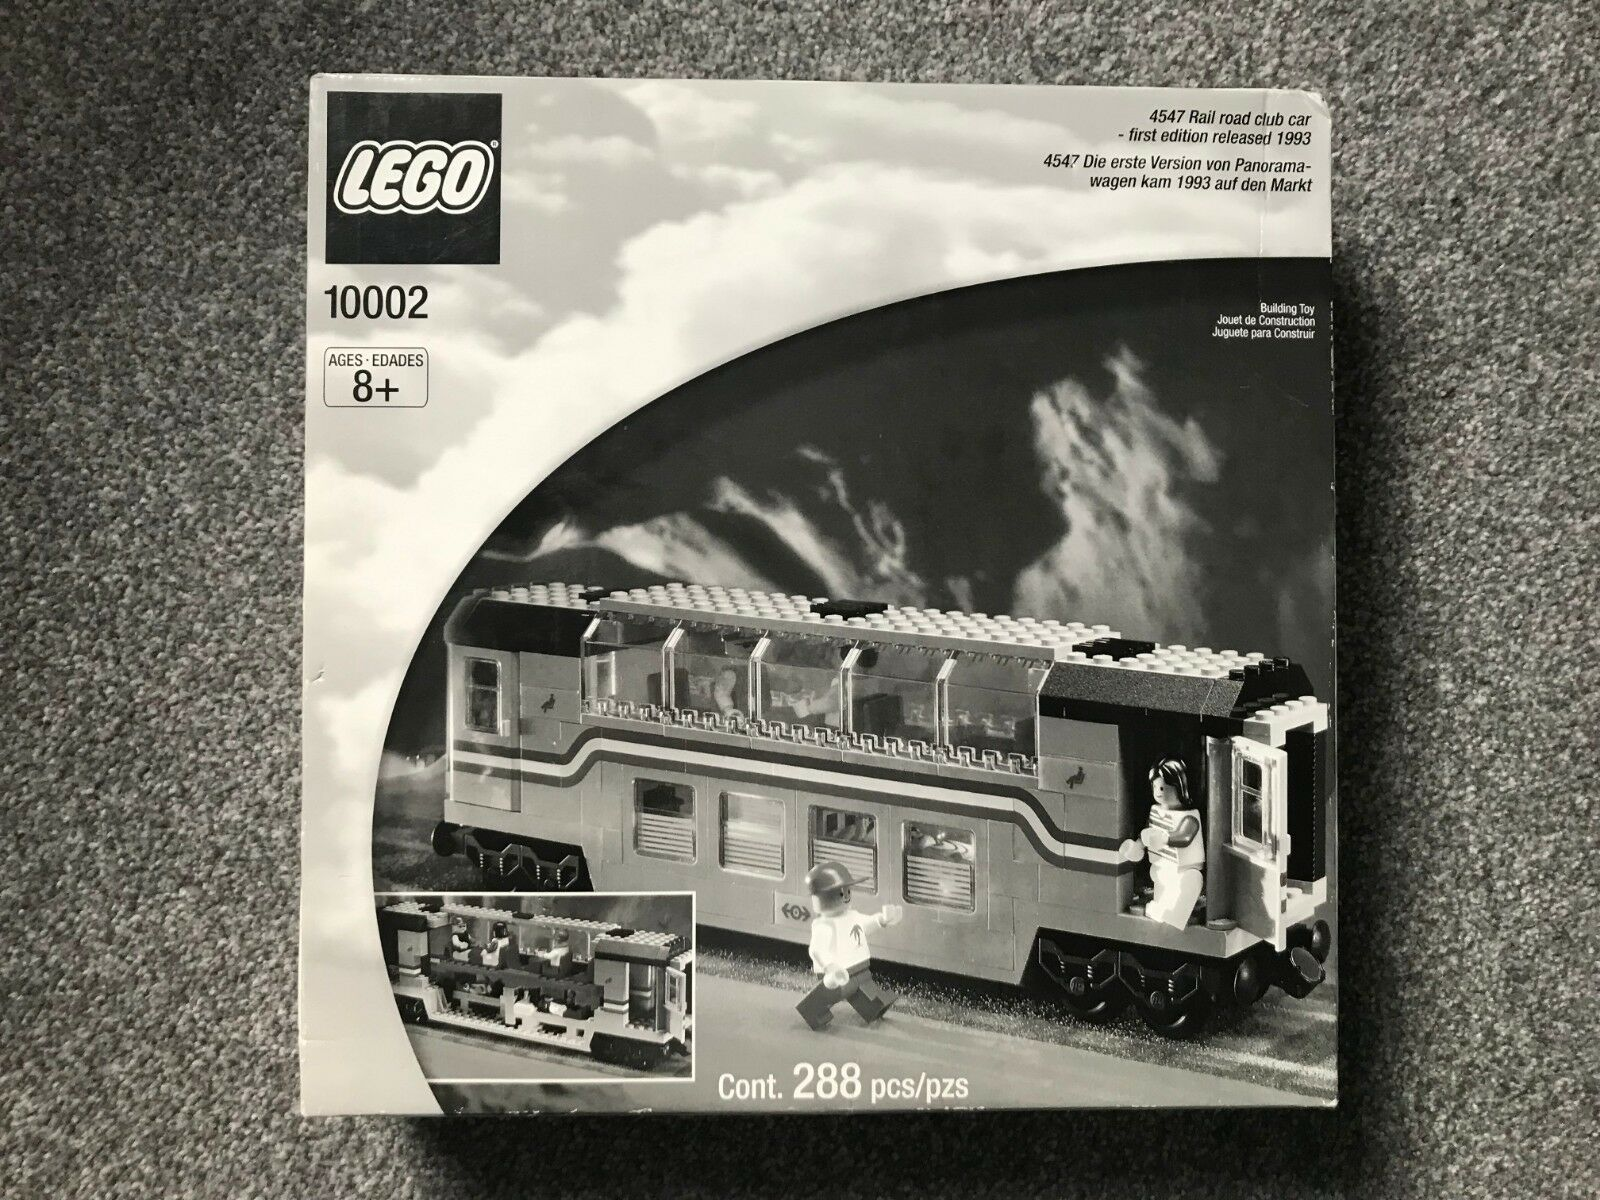 LEGO Legends 10002 Railroad Club Car - Brand New